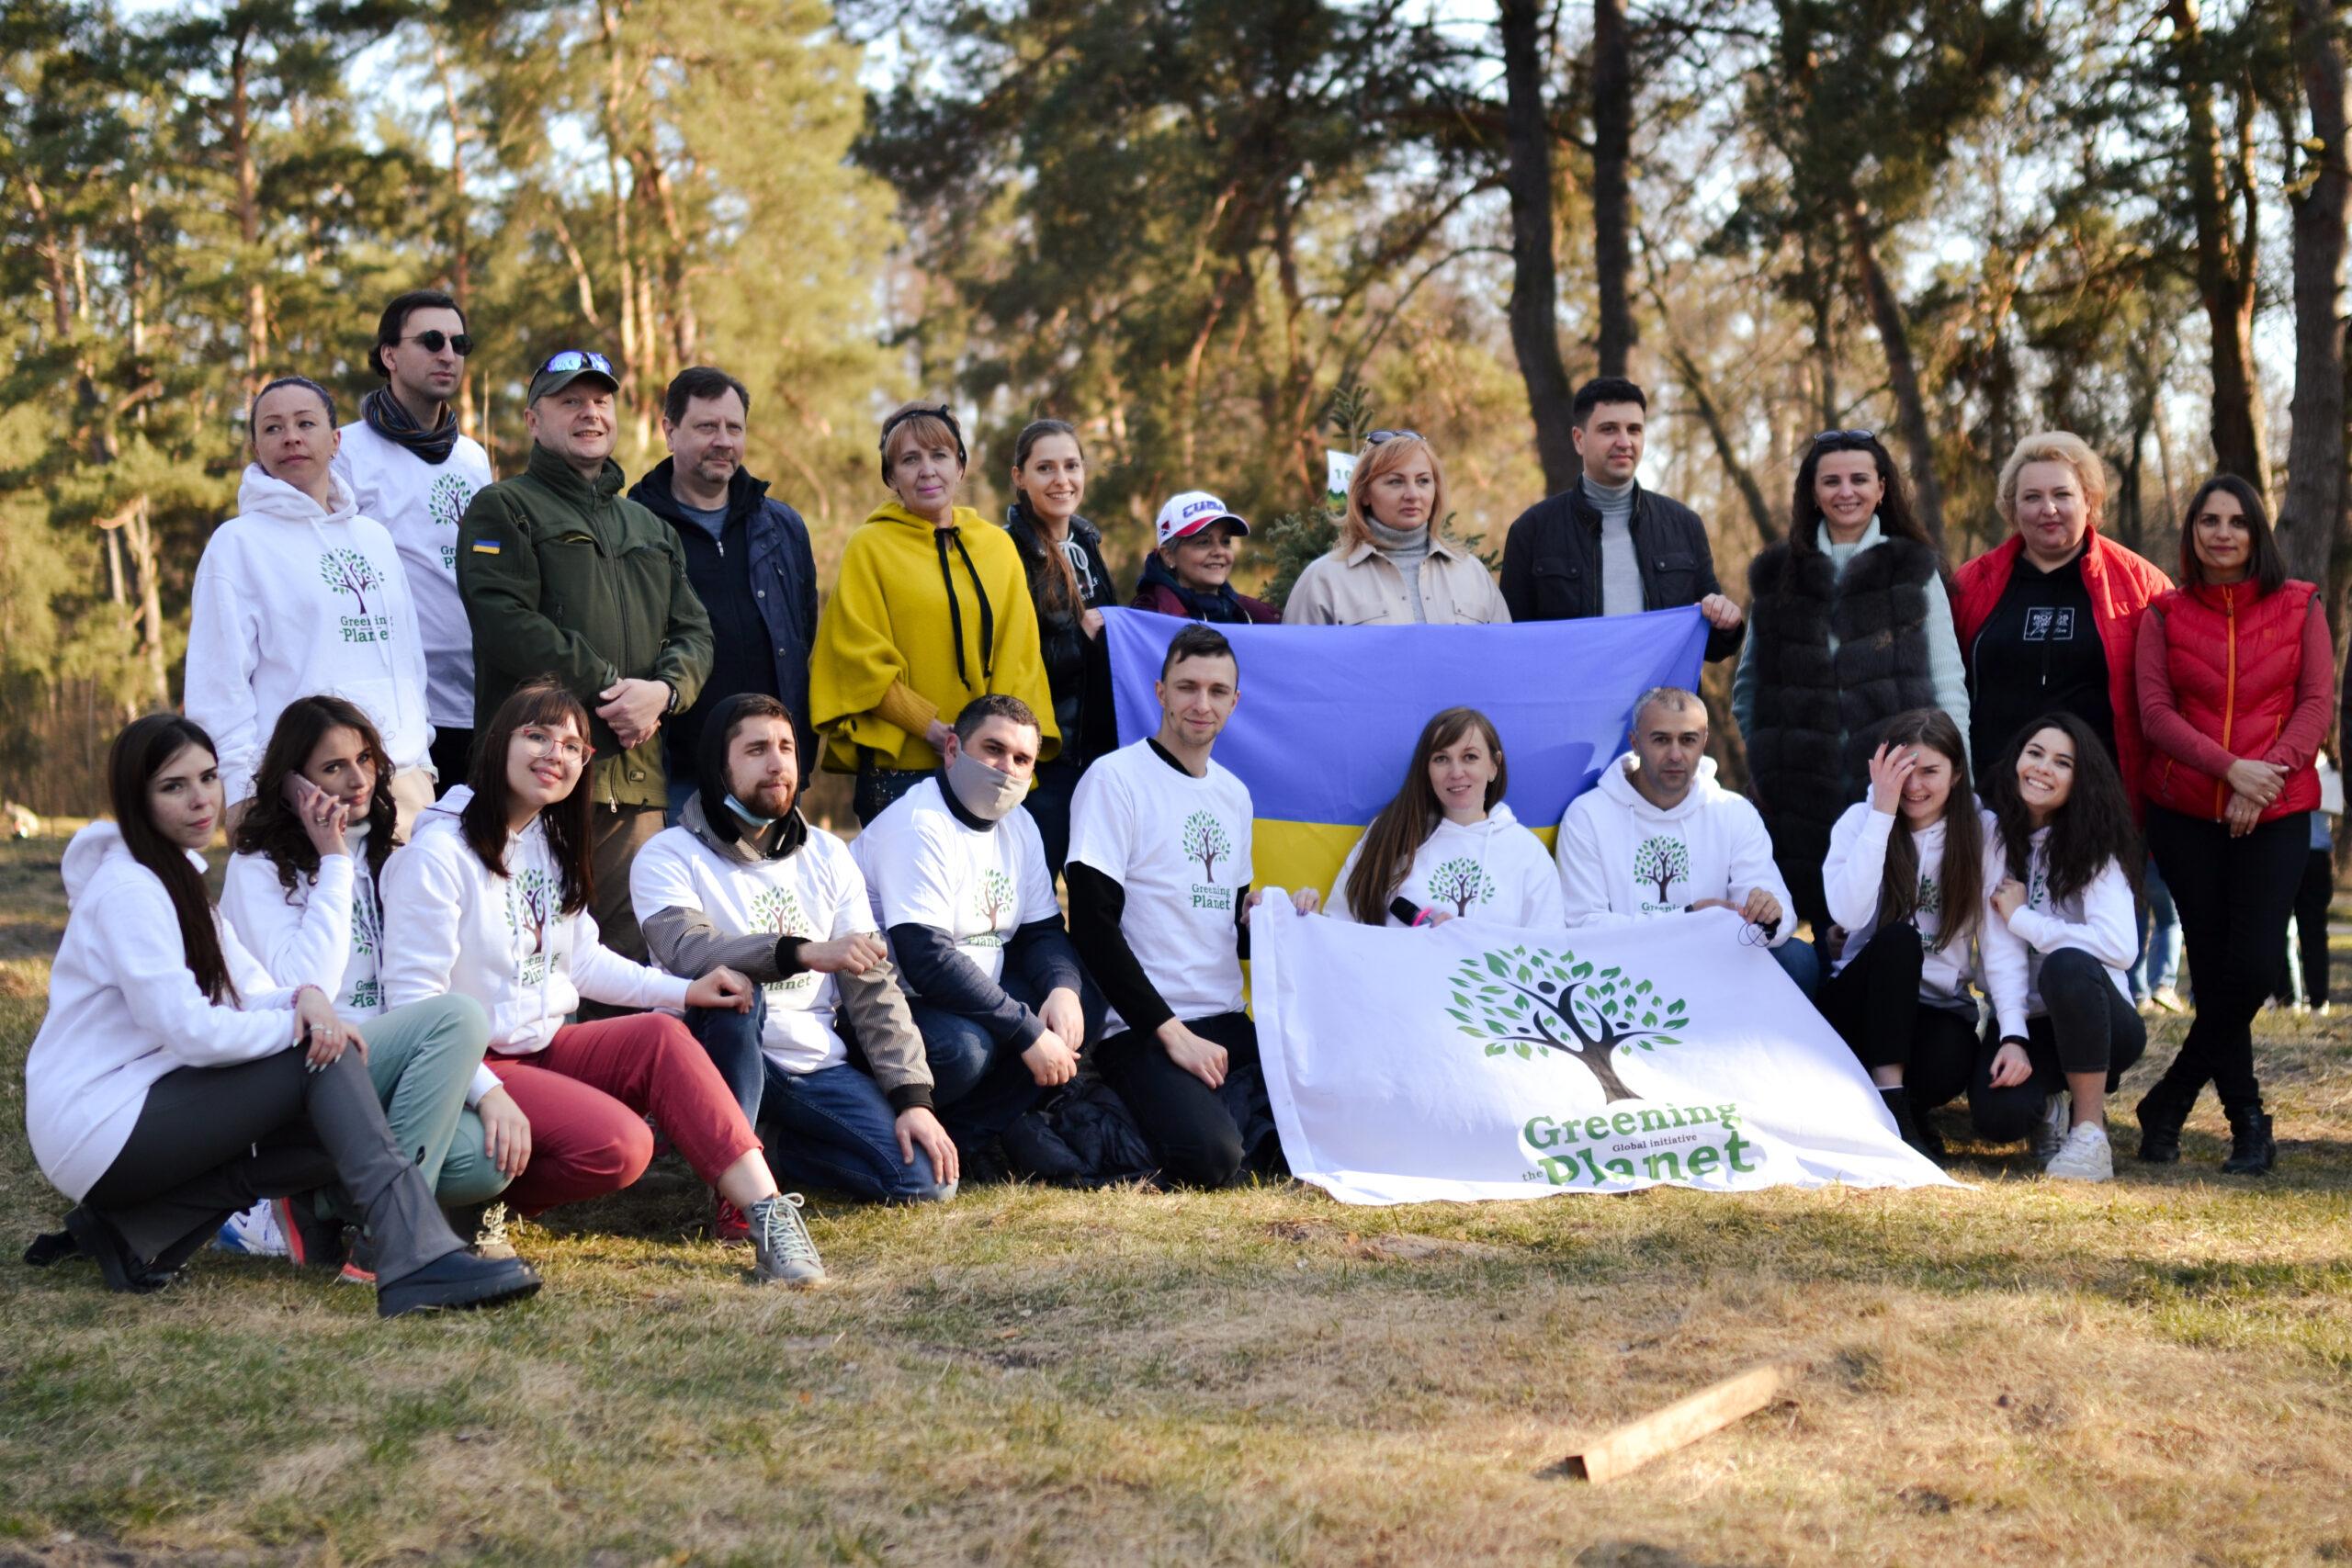 Greening of the Planet: За добу висаджено 5,5 млн дерев